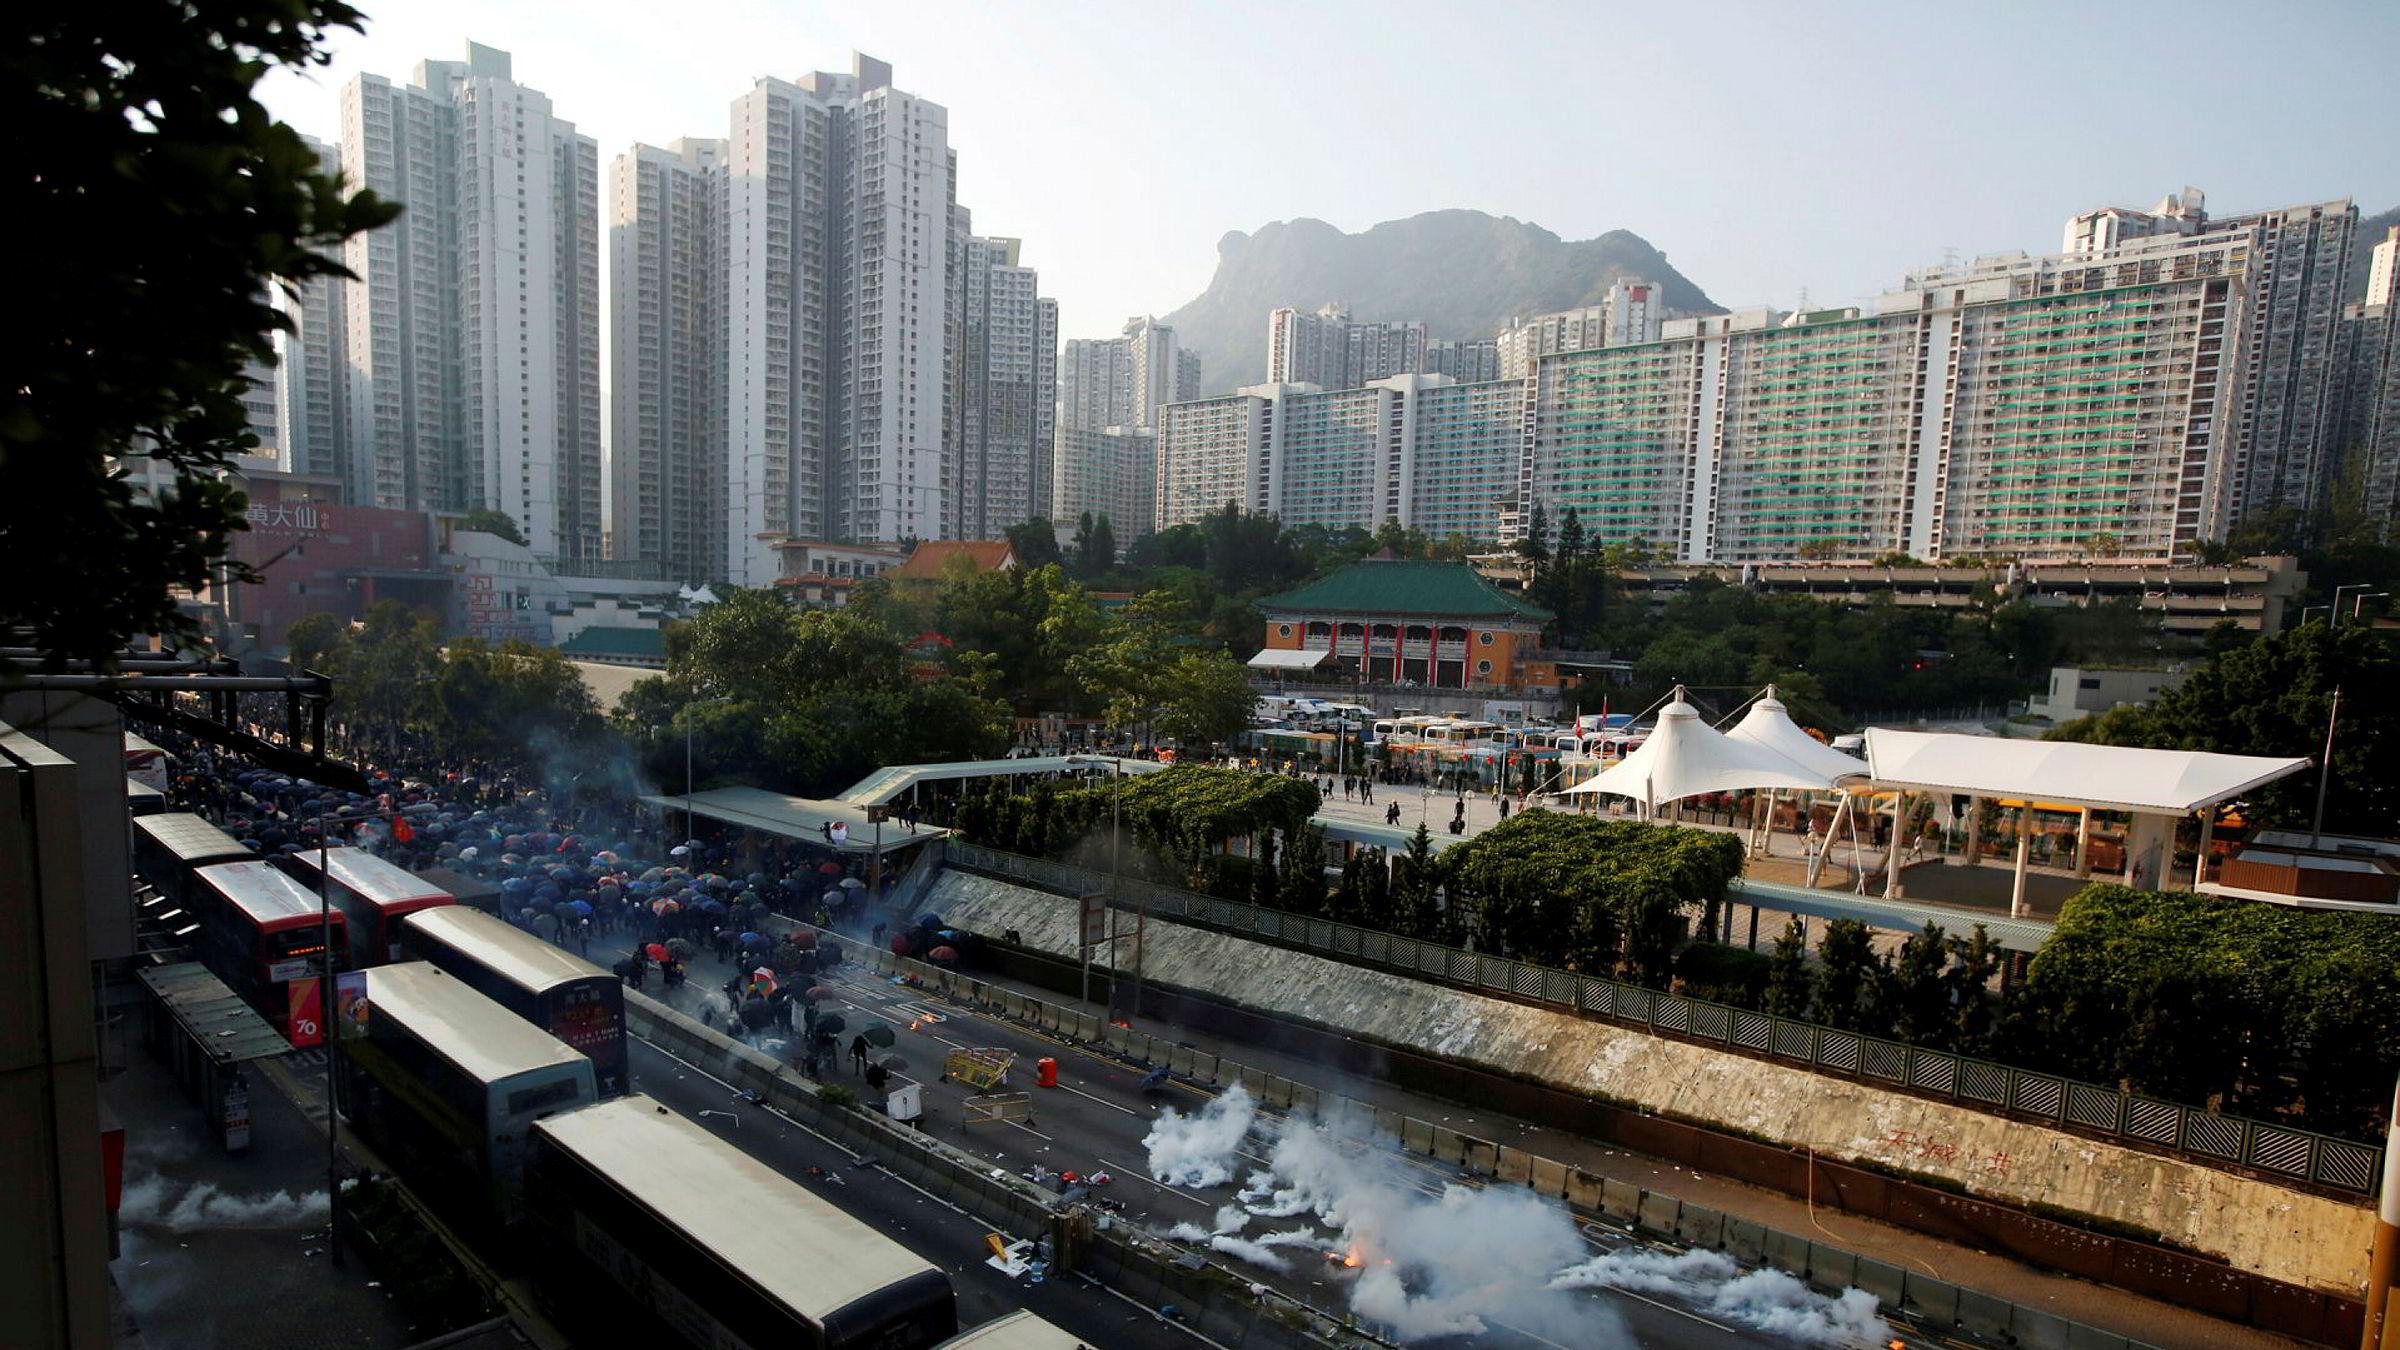 Både Representantenes hus og Senatet i USA har vedtatt et lovforslag som støtter menneskerettigheter og demokrati i Hongkong.